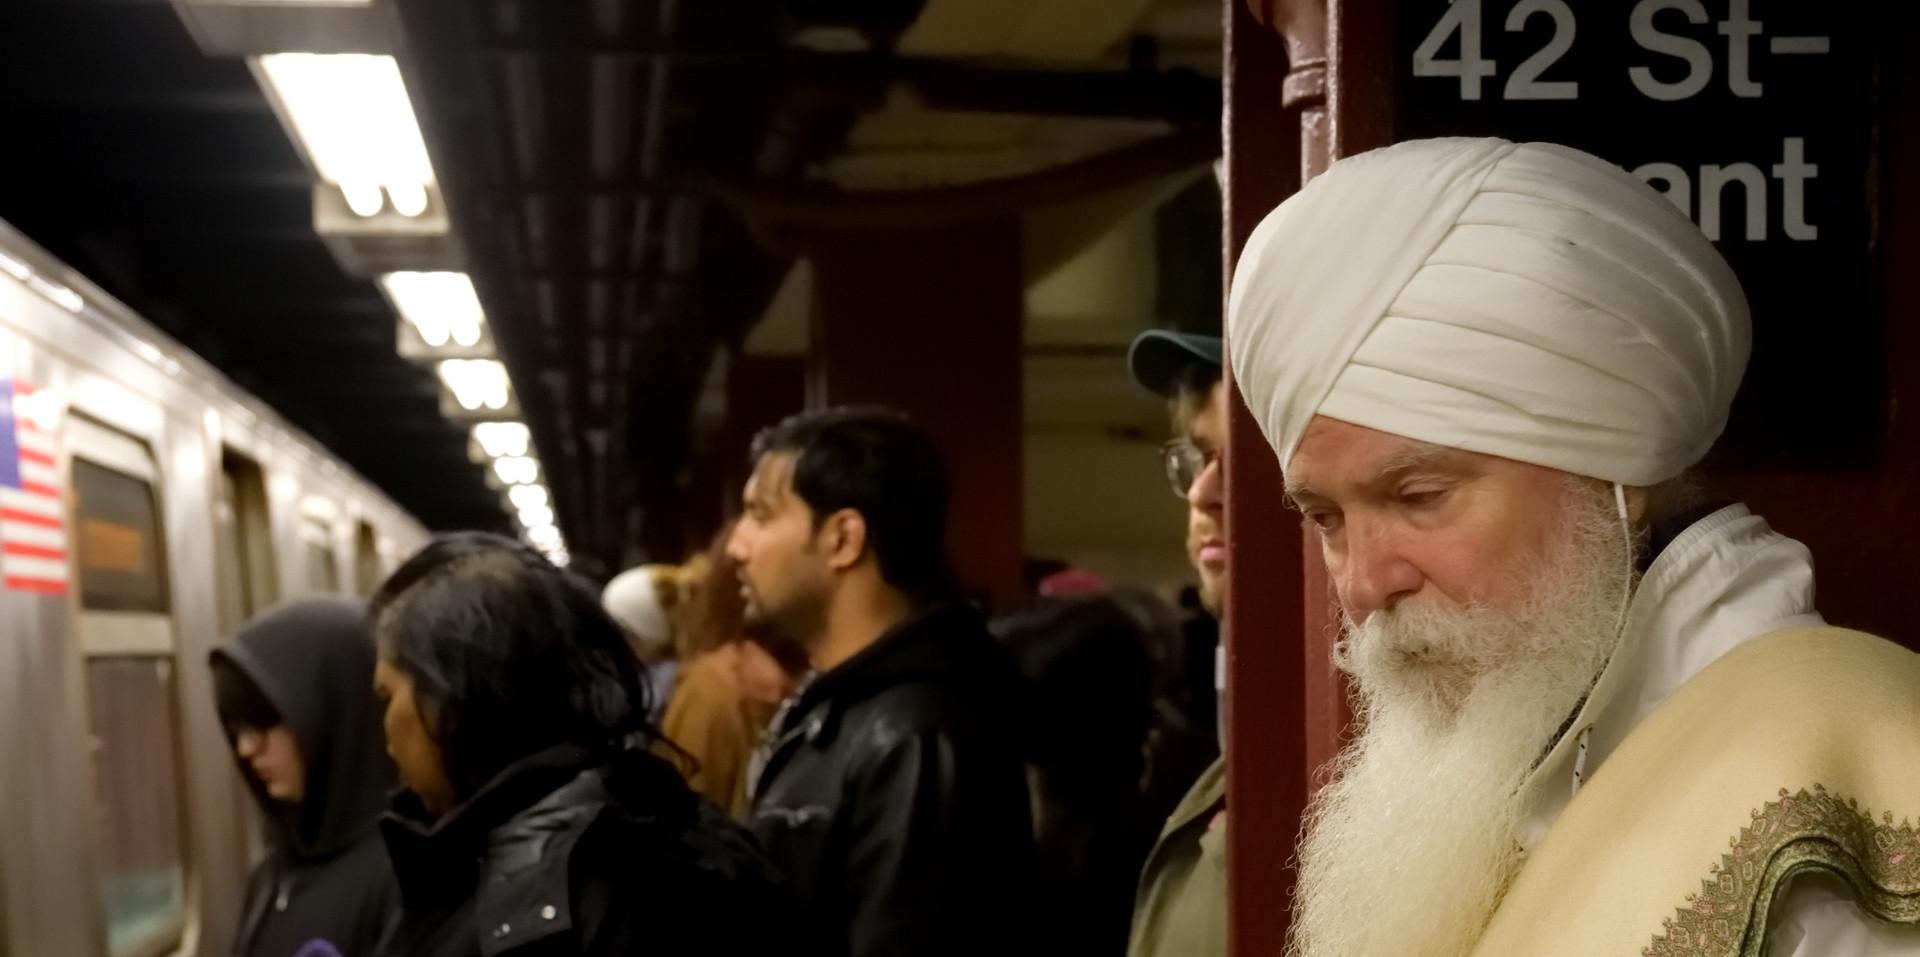 Sikh at Peace, Bryant Park Station, 2017